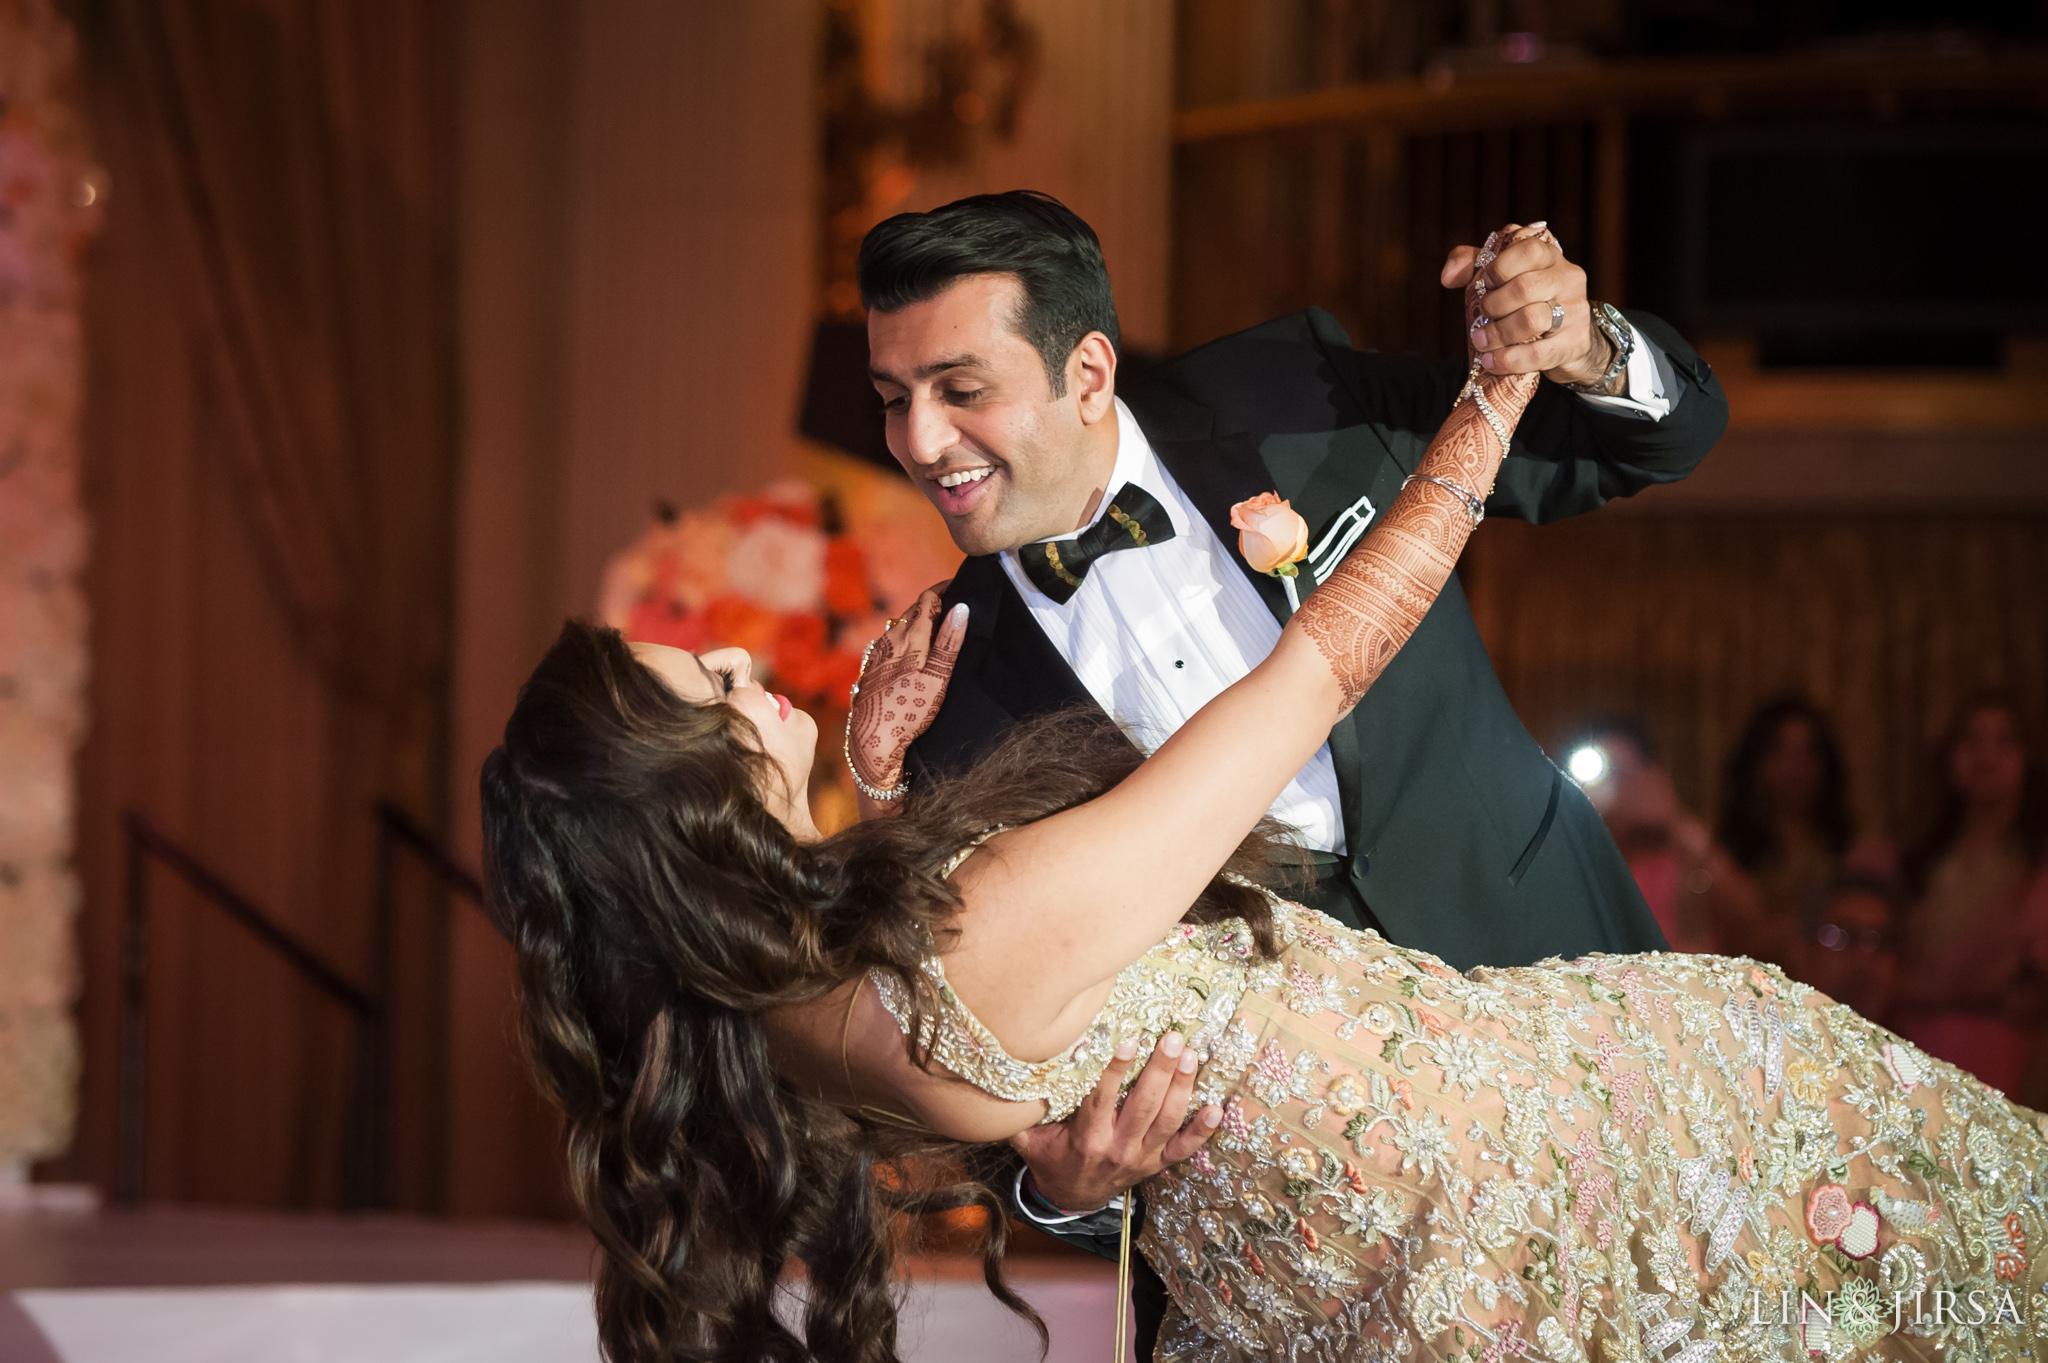 20-biltmore-hotel-los-angeles-wedding-reception-photography